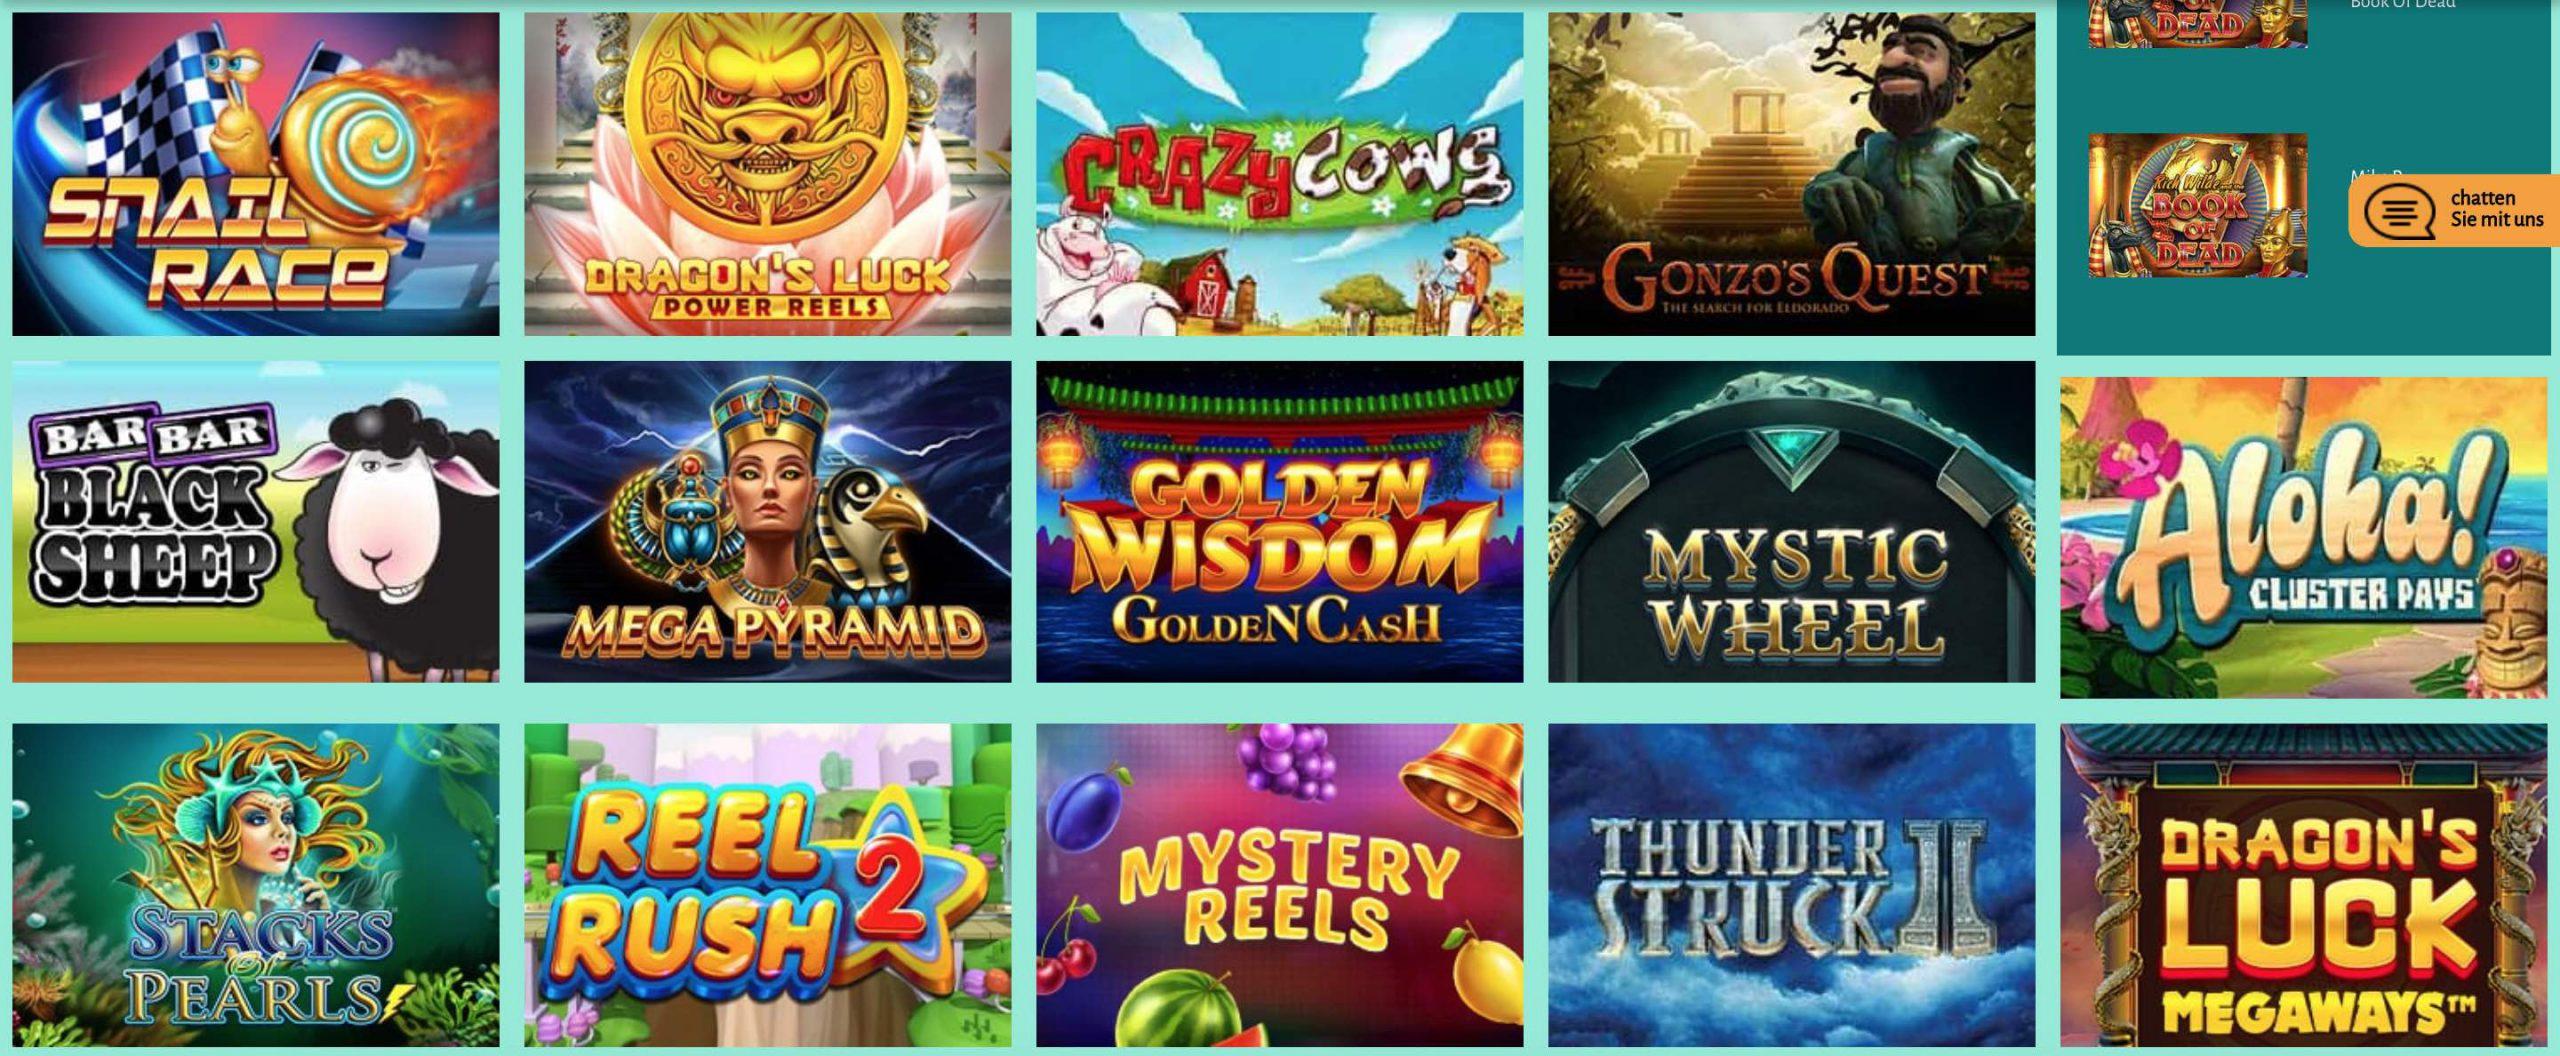 Slot Spielautomaten Spiele